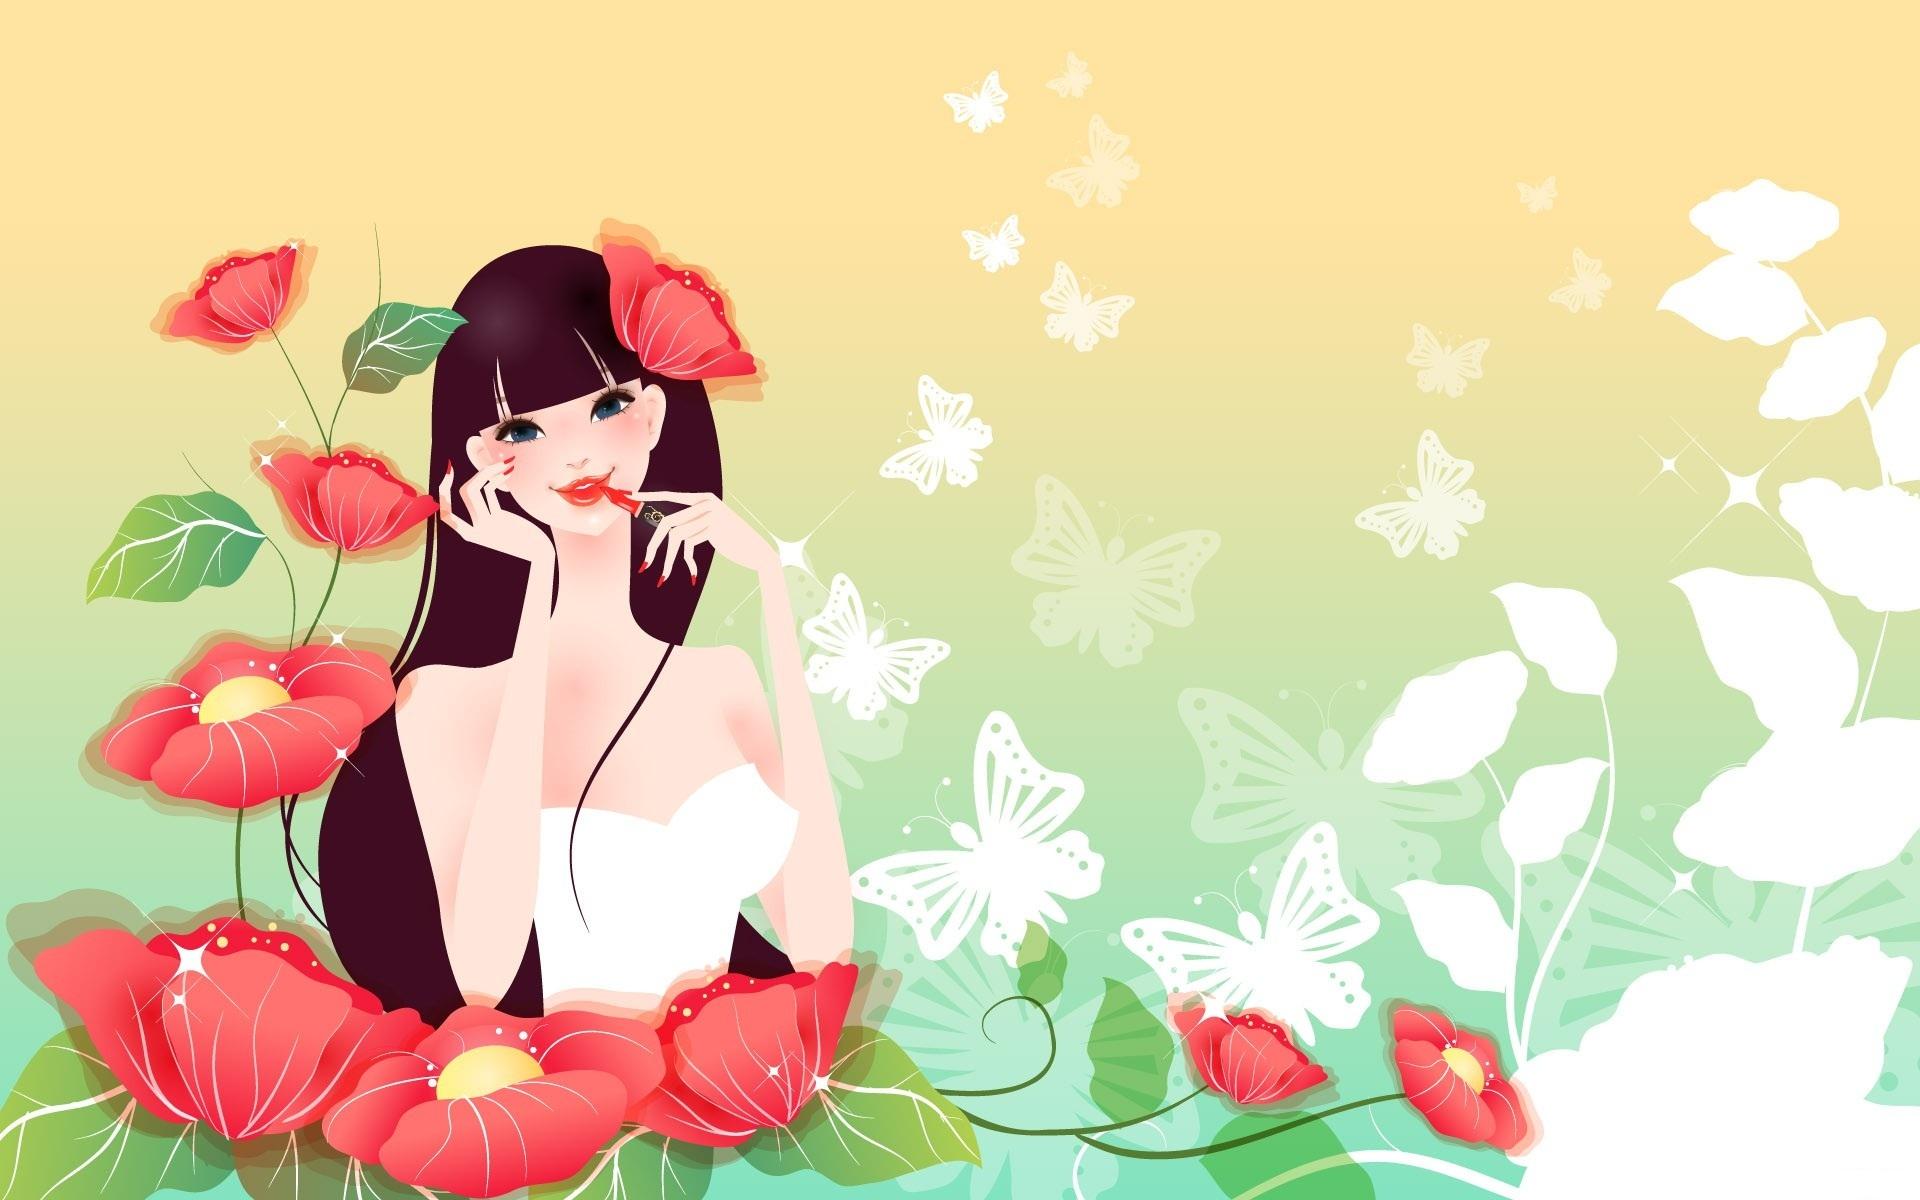 Картинки любимому, красивые прикольные открытки для девушки